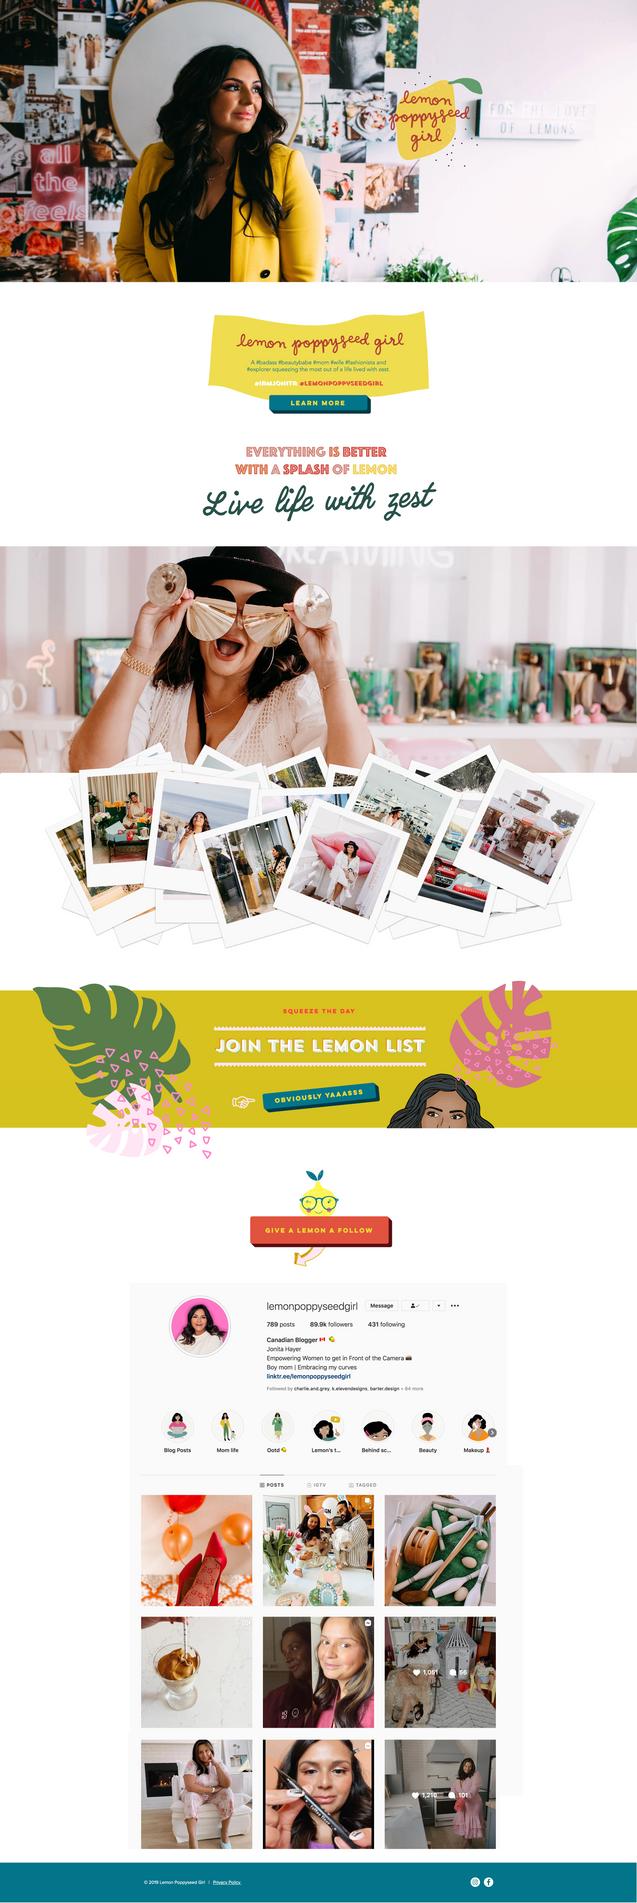 Lemon Poppyseed Girl Website